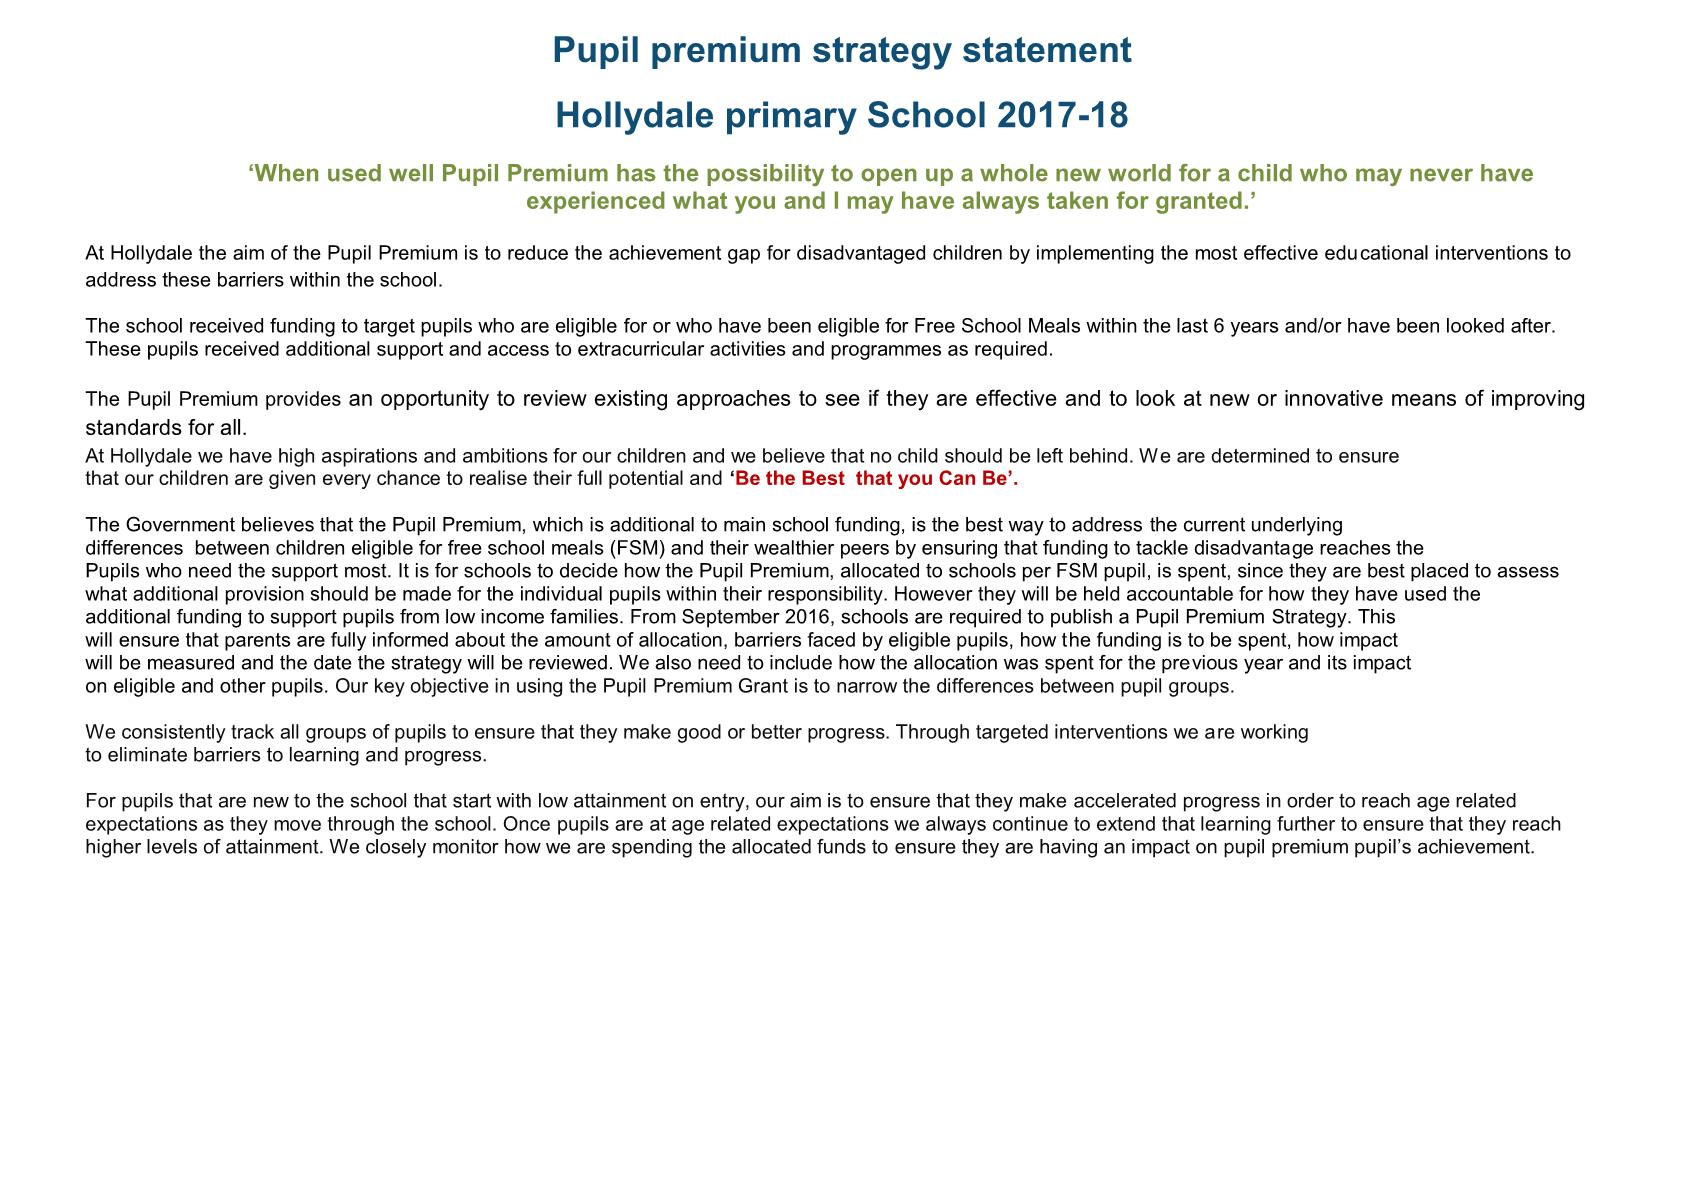 Pupil Premium 2017-2018